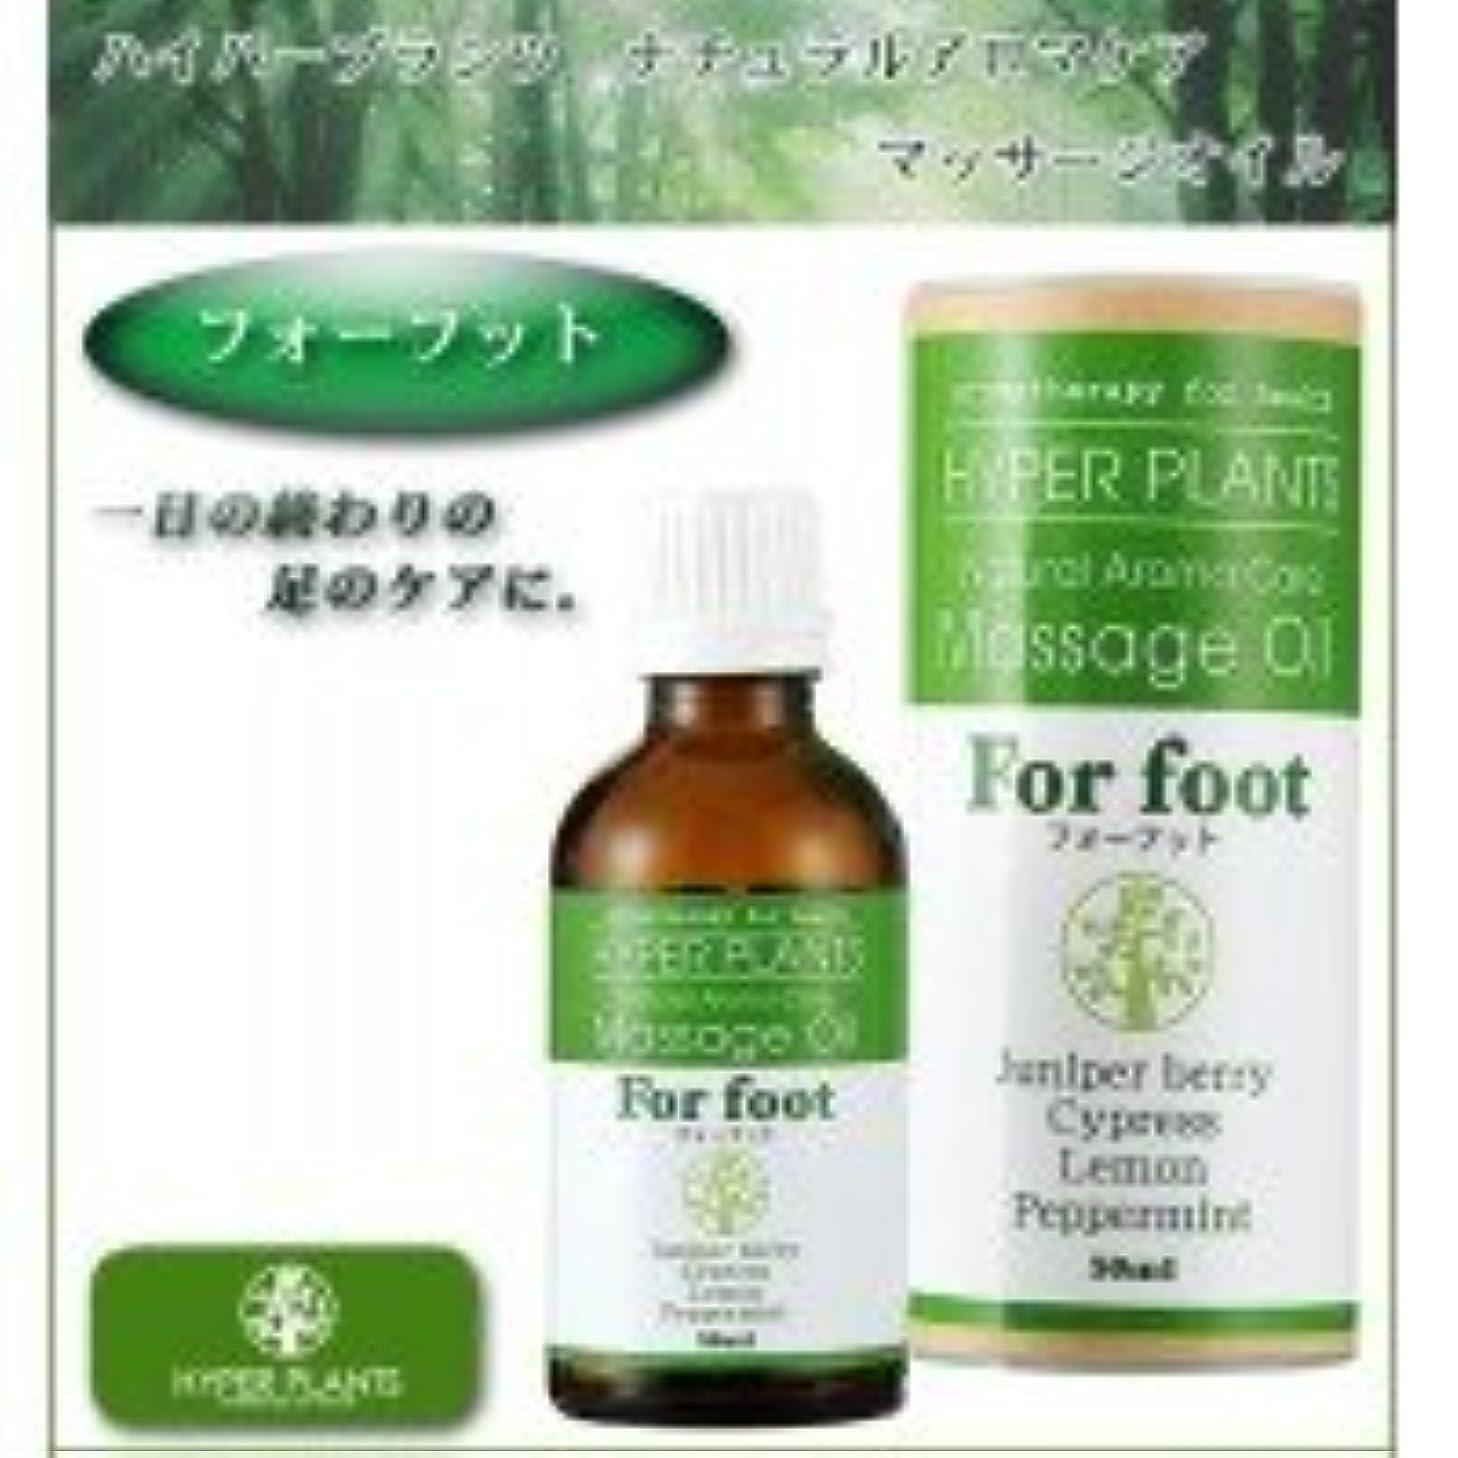 仮定経歴リーズHYPER PLANTS ハイパープランツ ナチュラルアロマケア マッサージオイル フォーフット 50ml HNM004